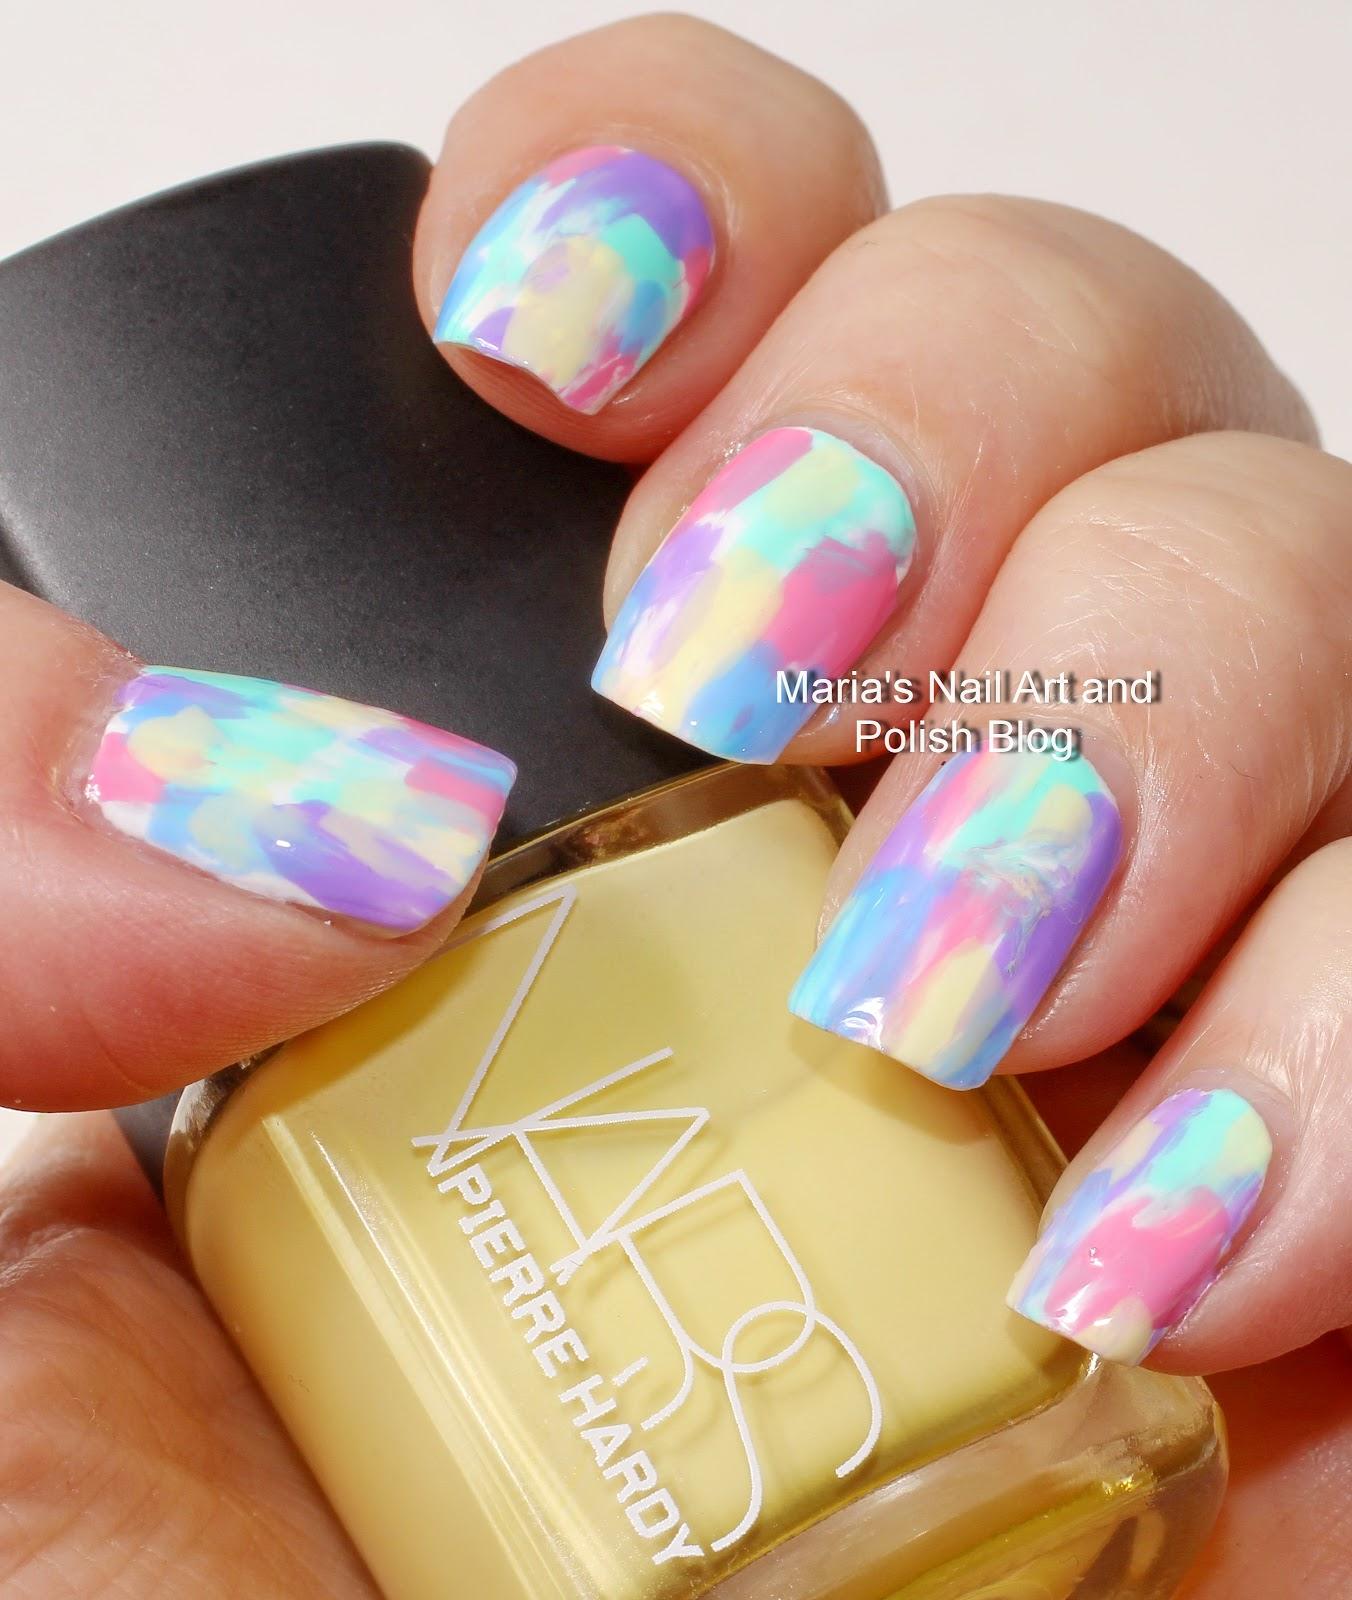 Marias nail art and polish blog pastel brush stroke nail art pastel brush stroke nail art prinsesfo Images